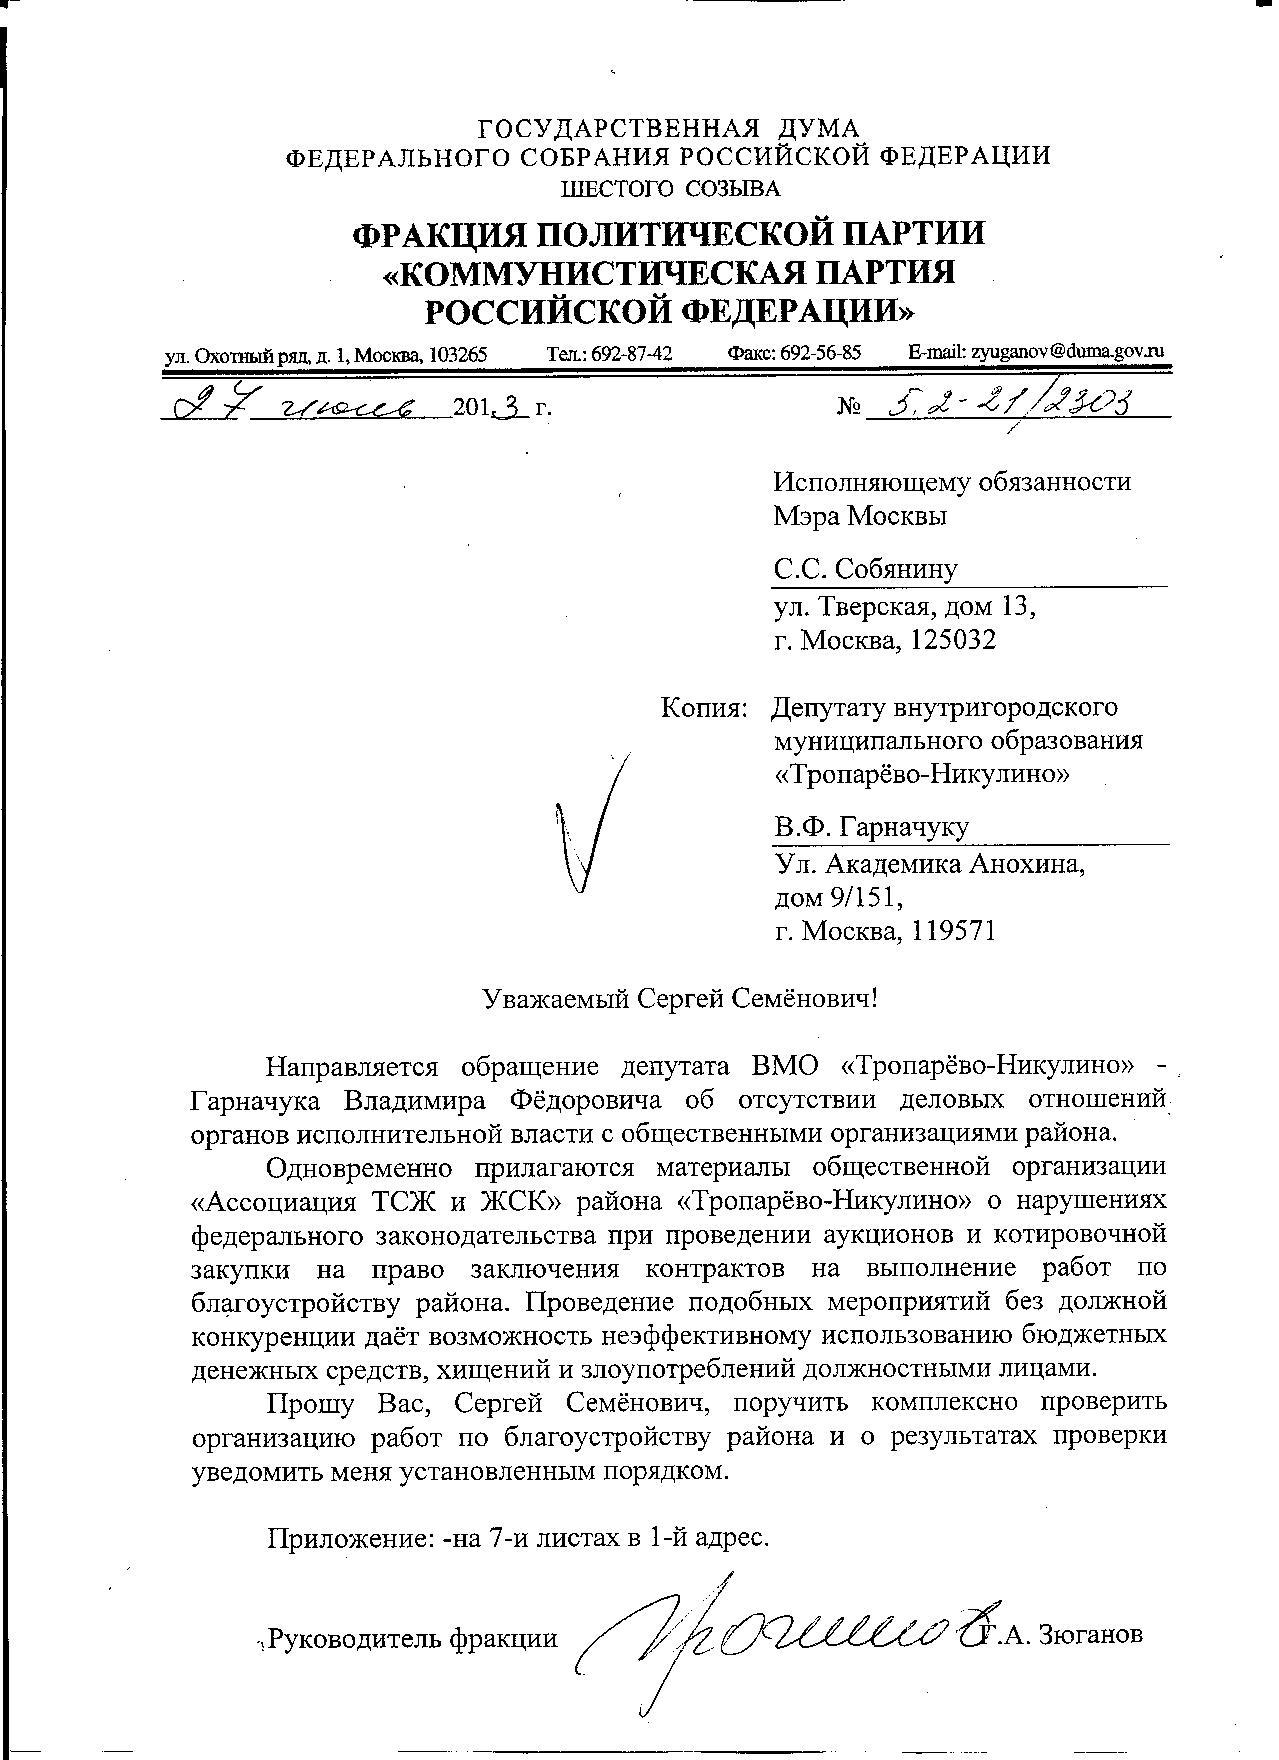 ответ  зюганов Собянин  по ГУИСу